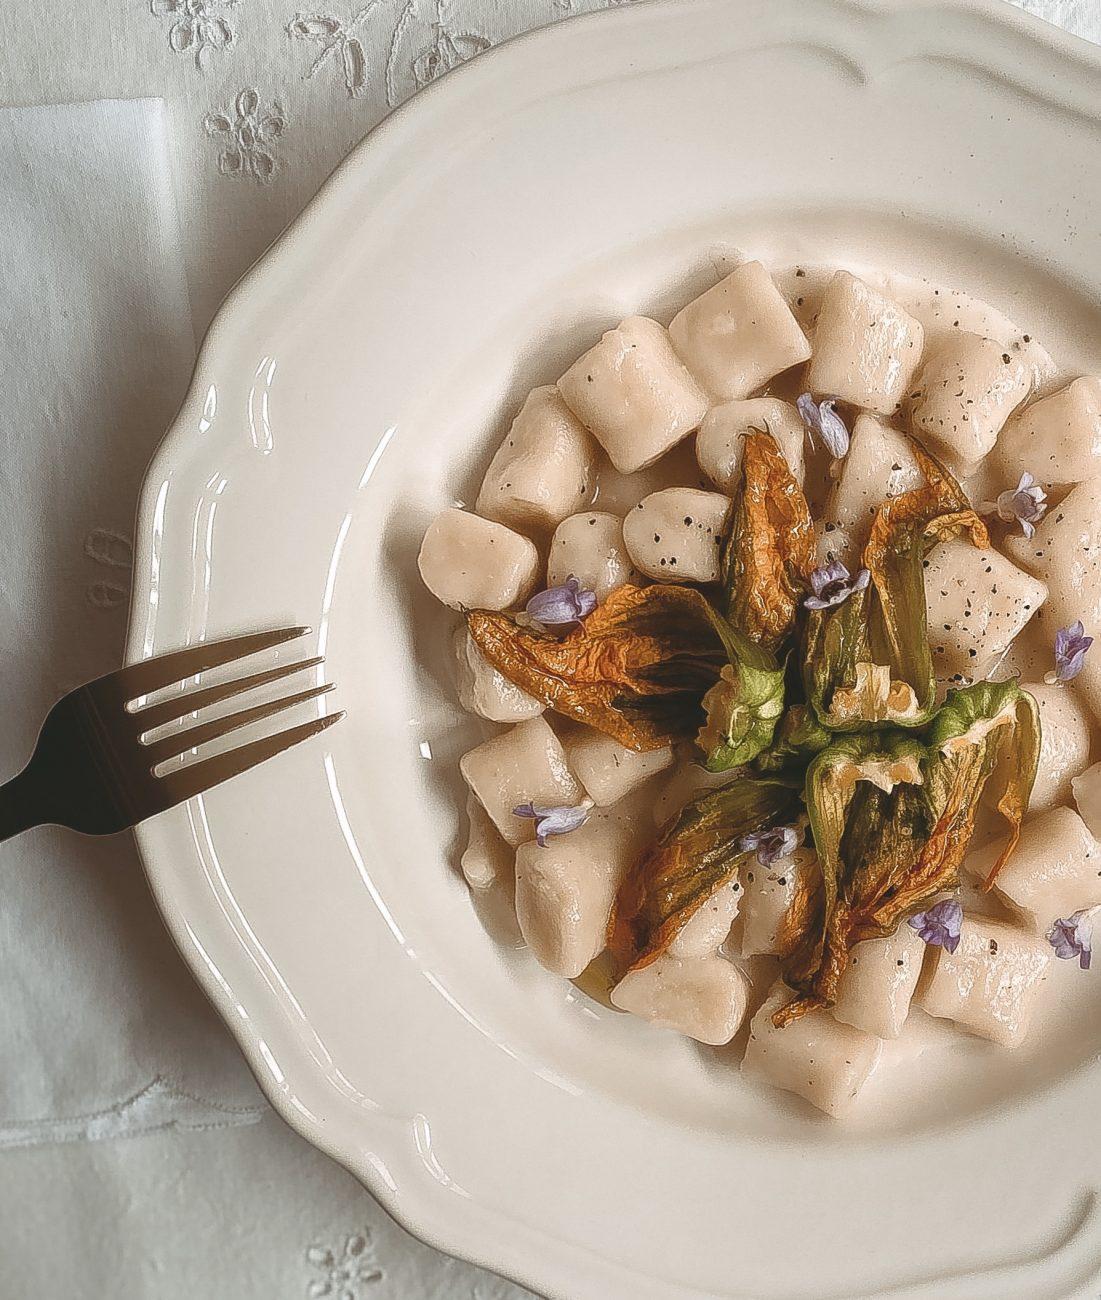 Cacio e pepe with zucchini flowers